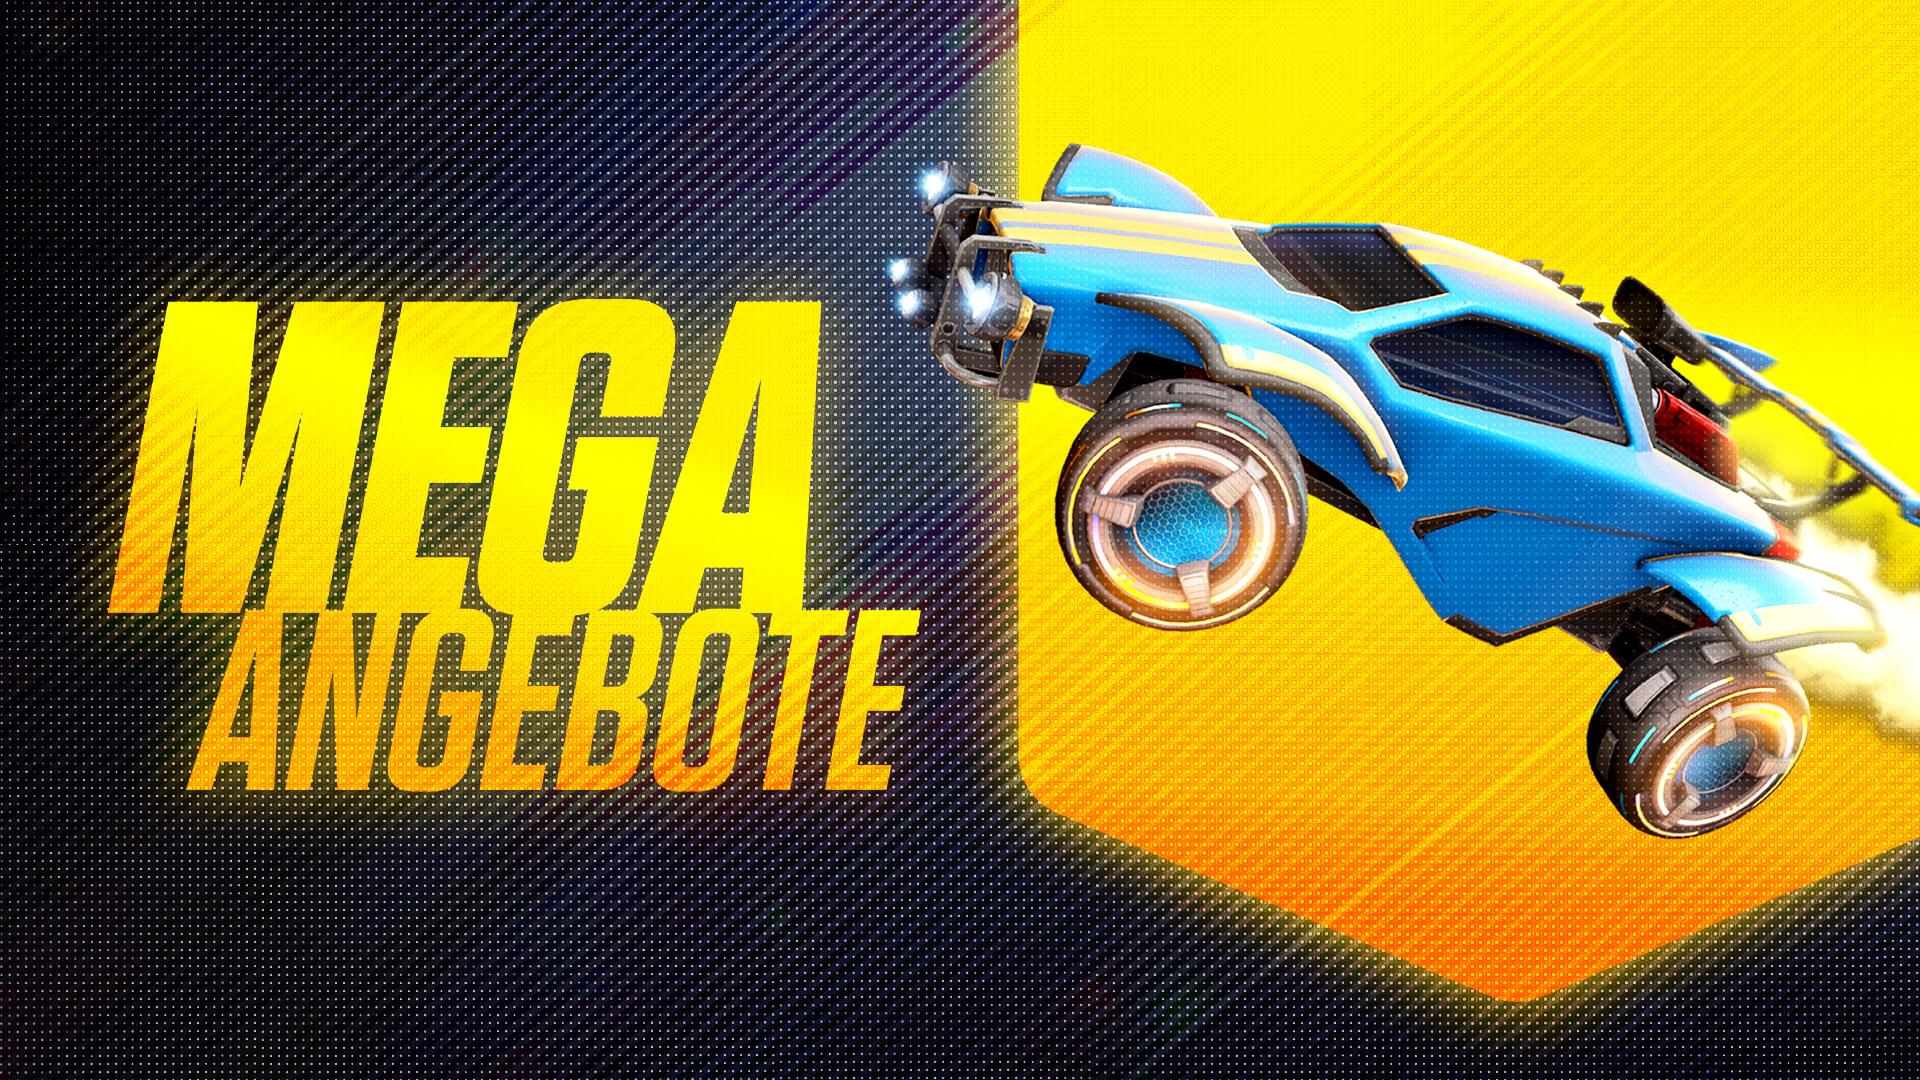 DE EGS MegaDeals RL 1920x1080